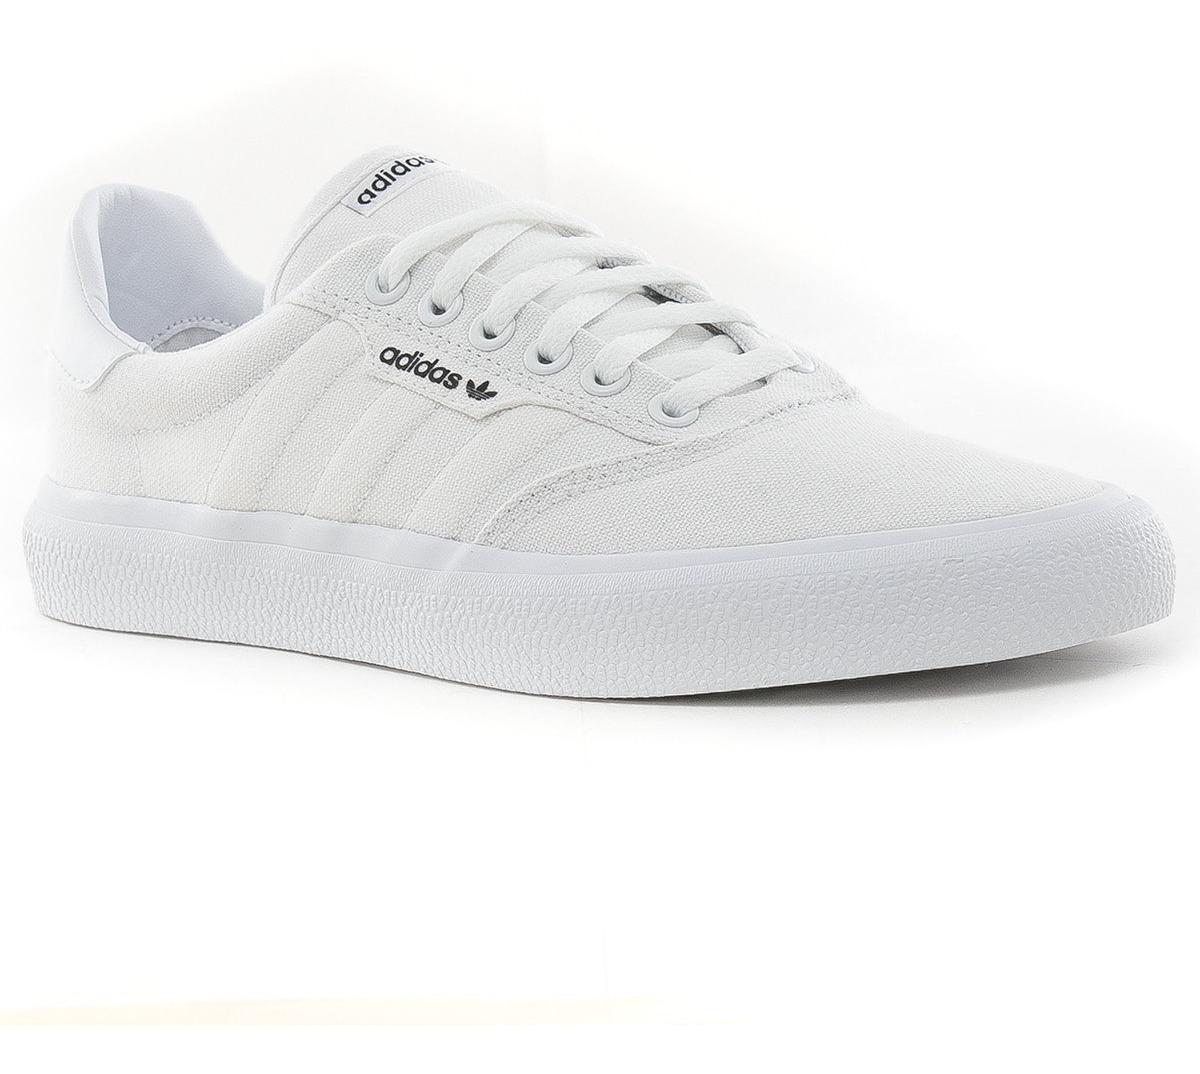 Originals 3mc Adidas Tienda Zapatillas Oficial Yfb6yIg7v